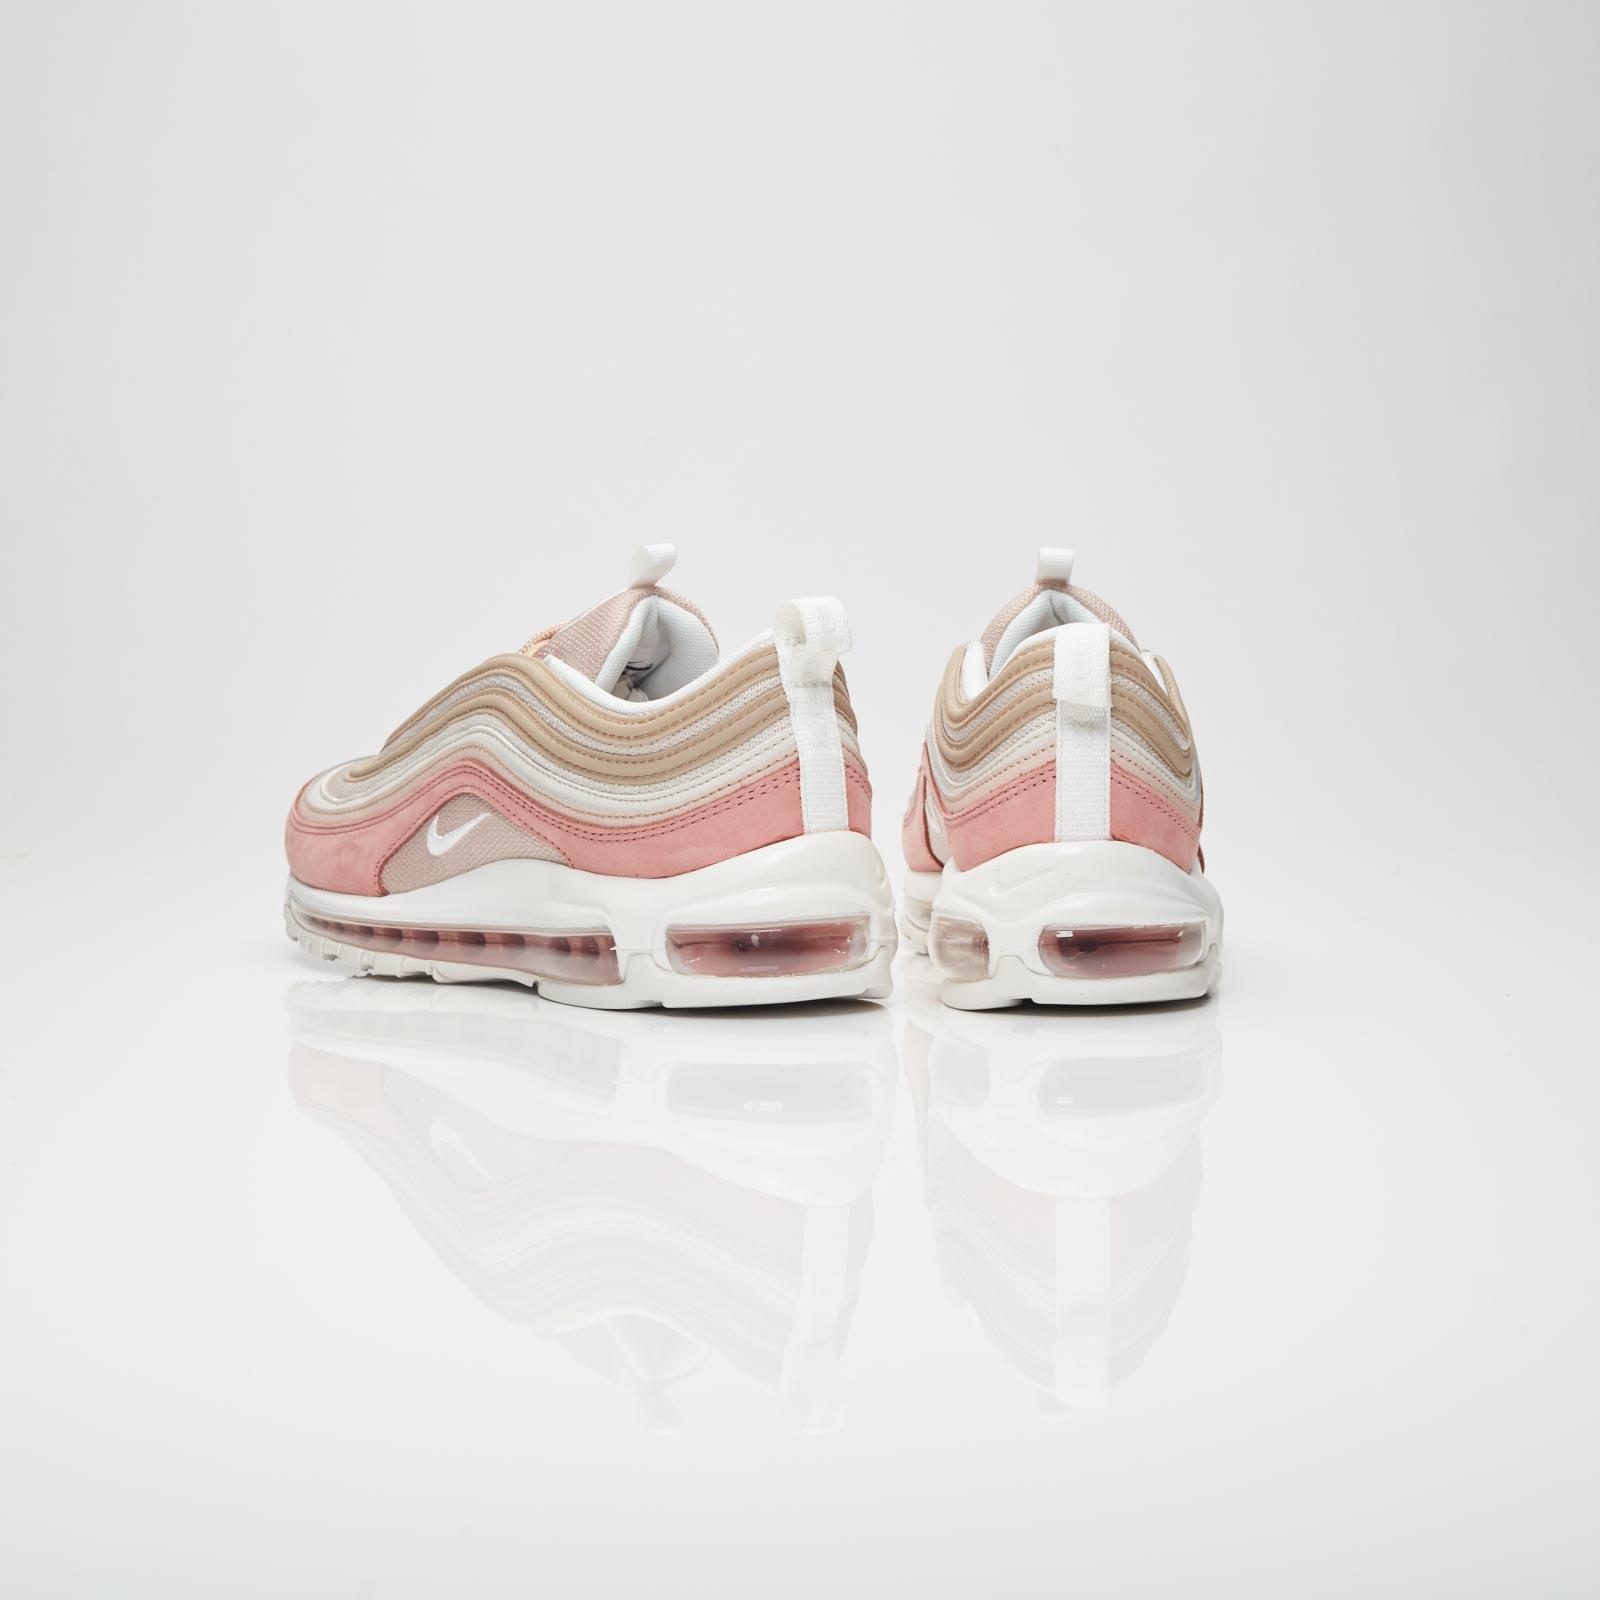 1cd1c058b6682 Nike Air Max 97 Premium - 312834-200 - Sneakersnstuff | sneakers &  streetwear online since 1999